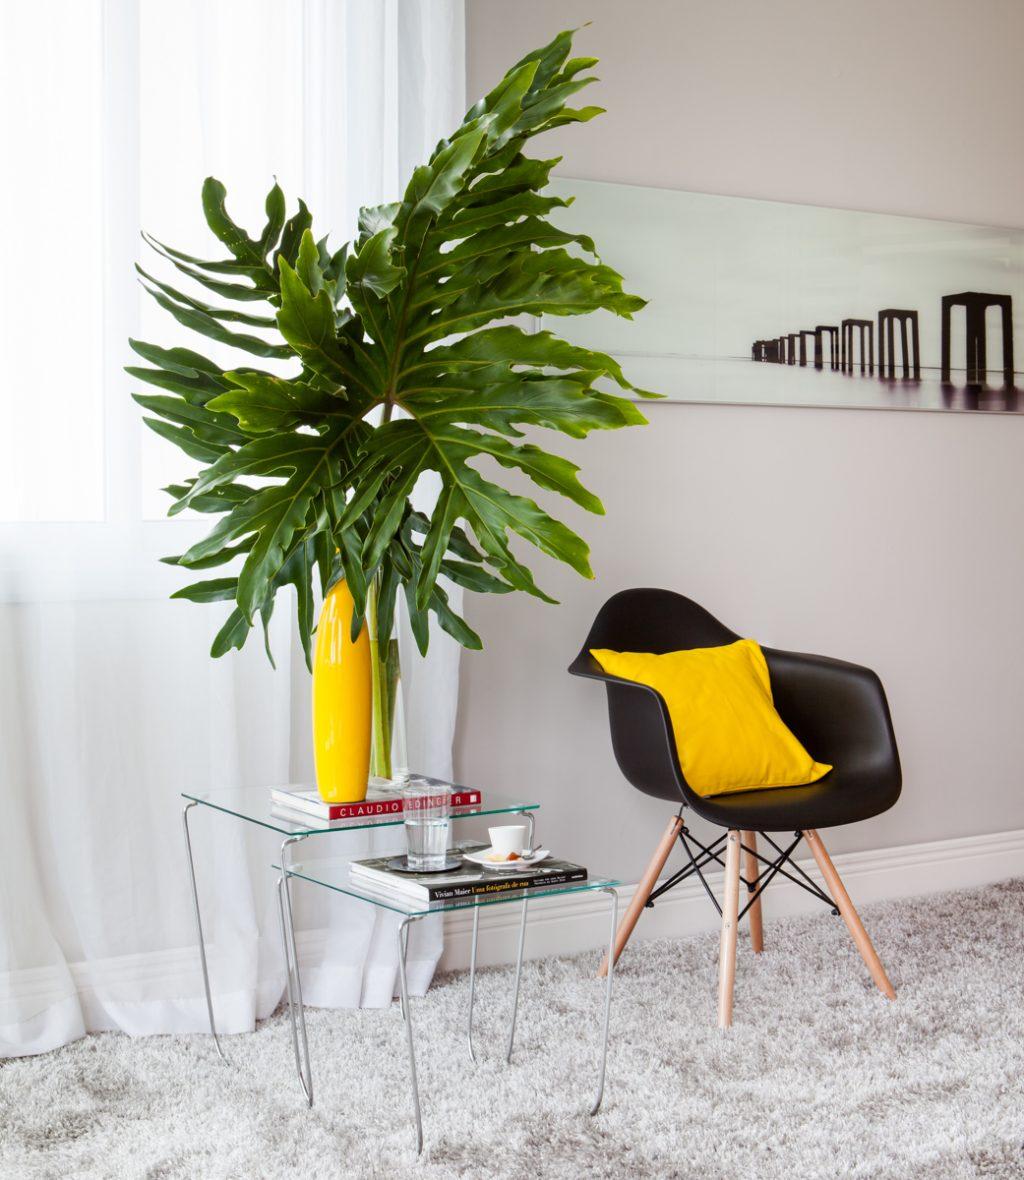 decoração de inverno com cadeira revestida com almofada